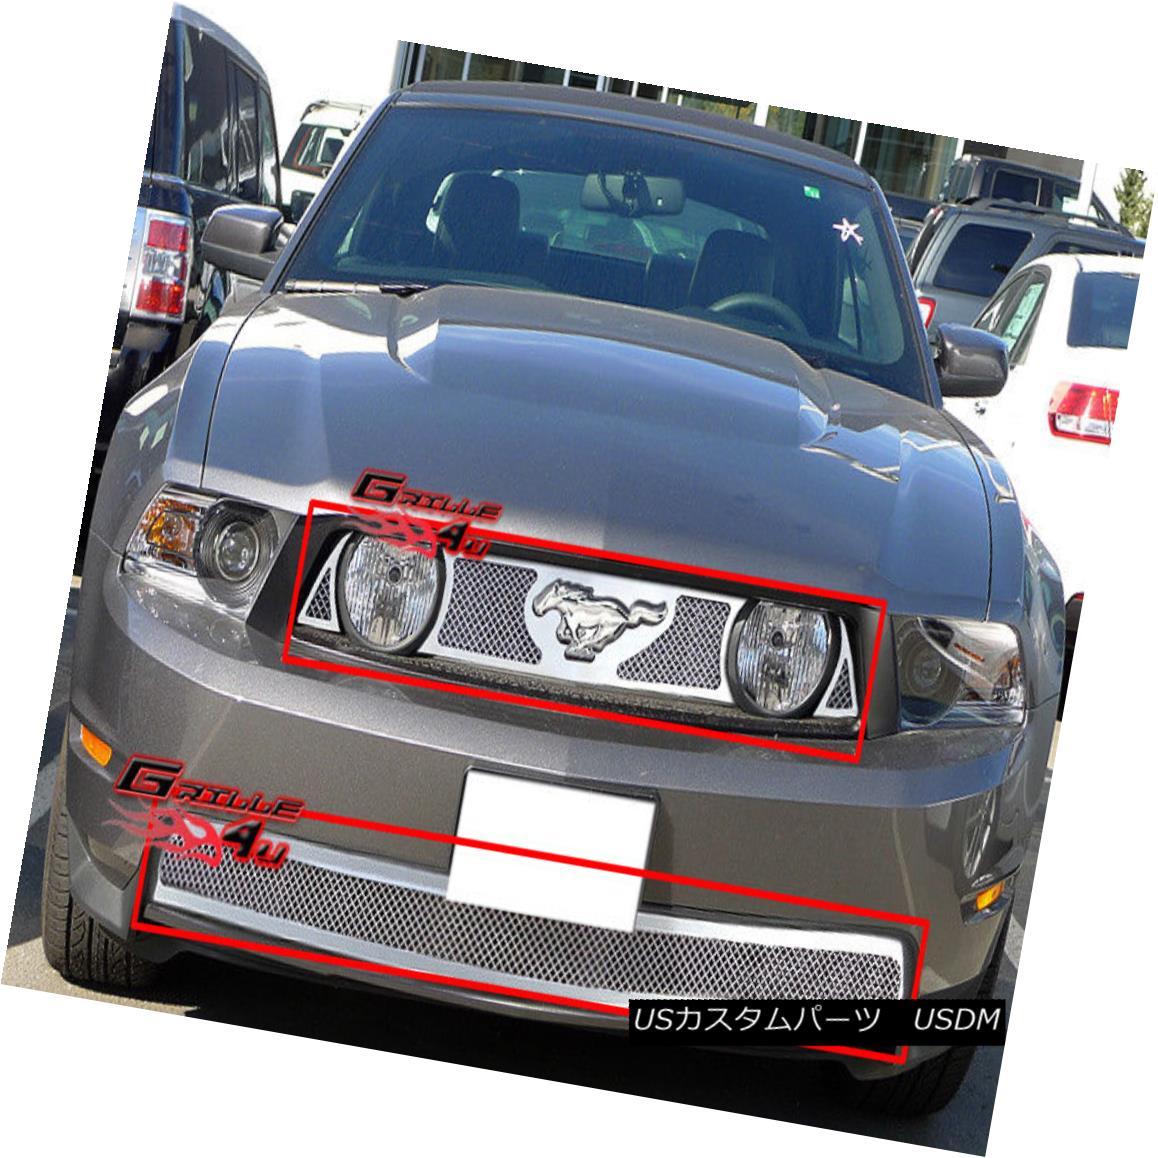 グリル 2010-2012 Ford Mustang GT V8 Stainless Steel Mesh Grille Grill Combo Insert 2010-2012フォードマスタングGT V8ステンレスメッシュグリルグリルコンボインサート